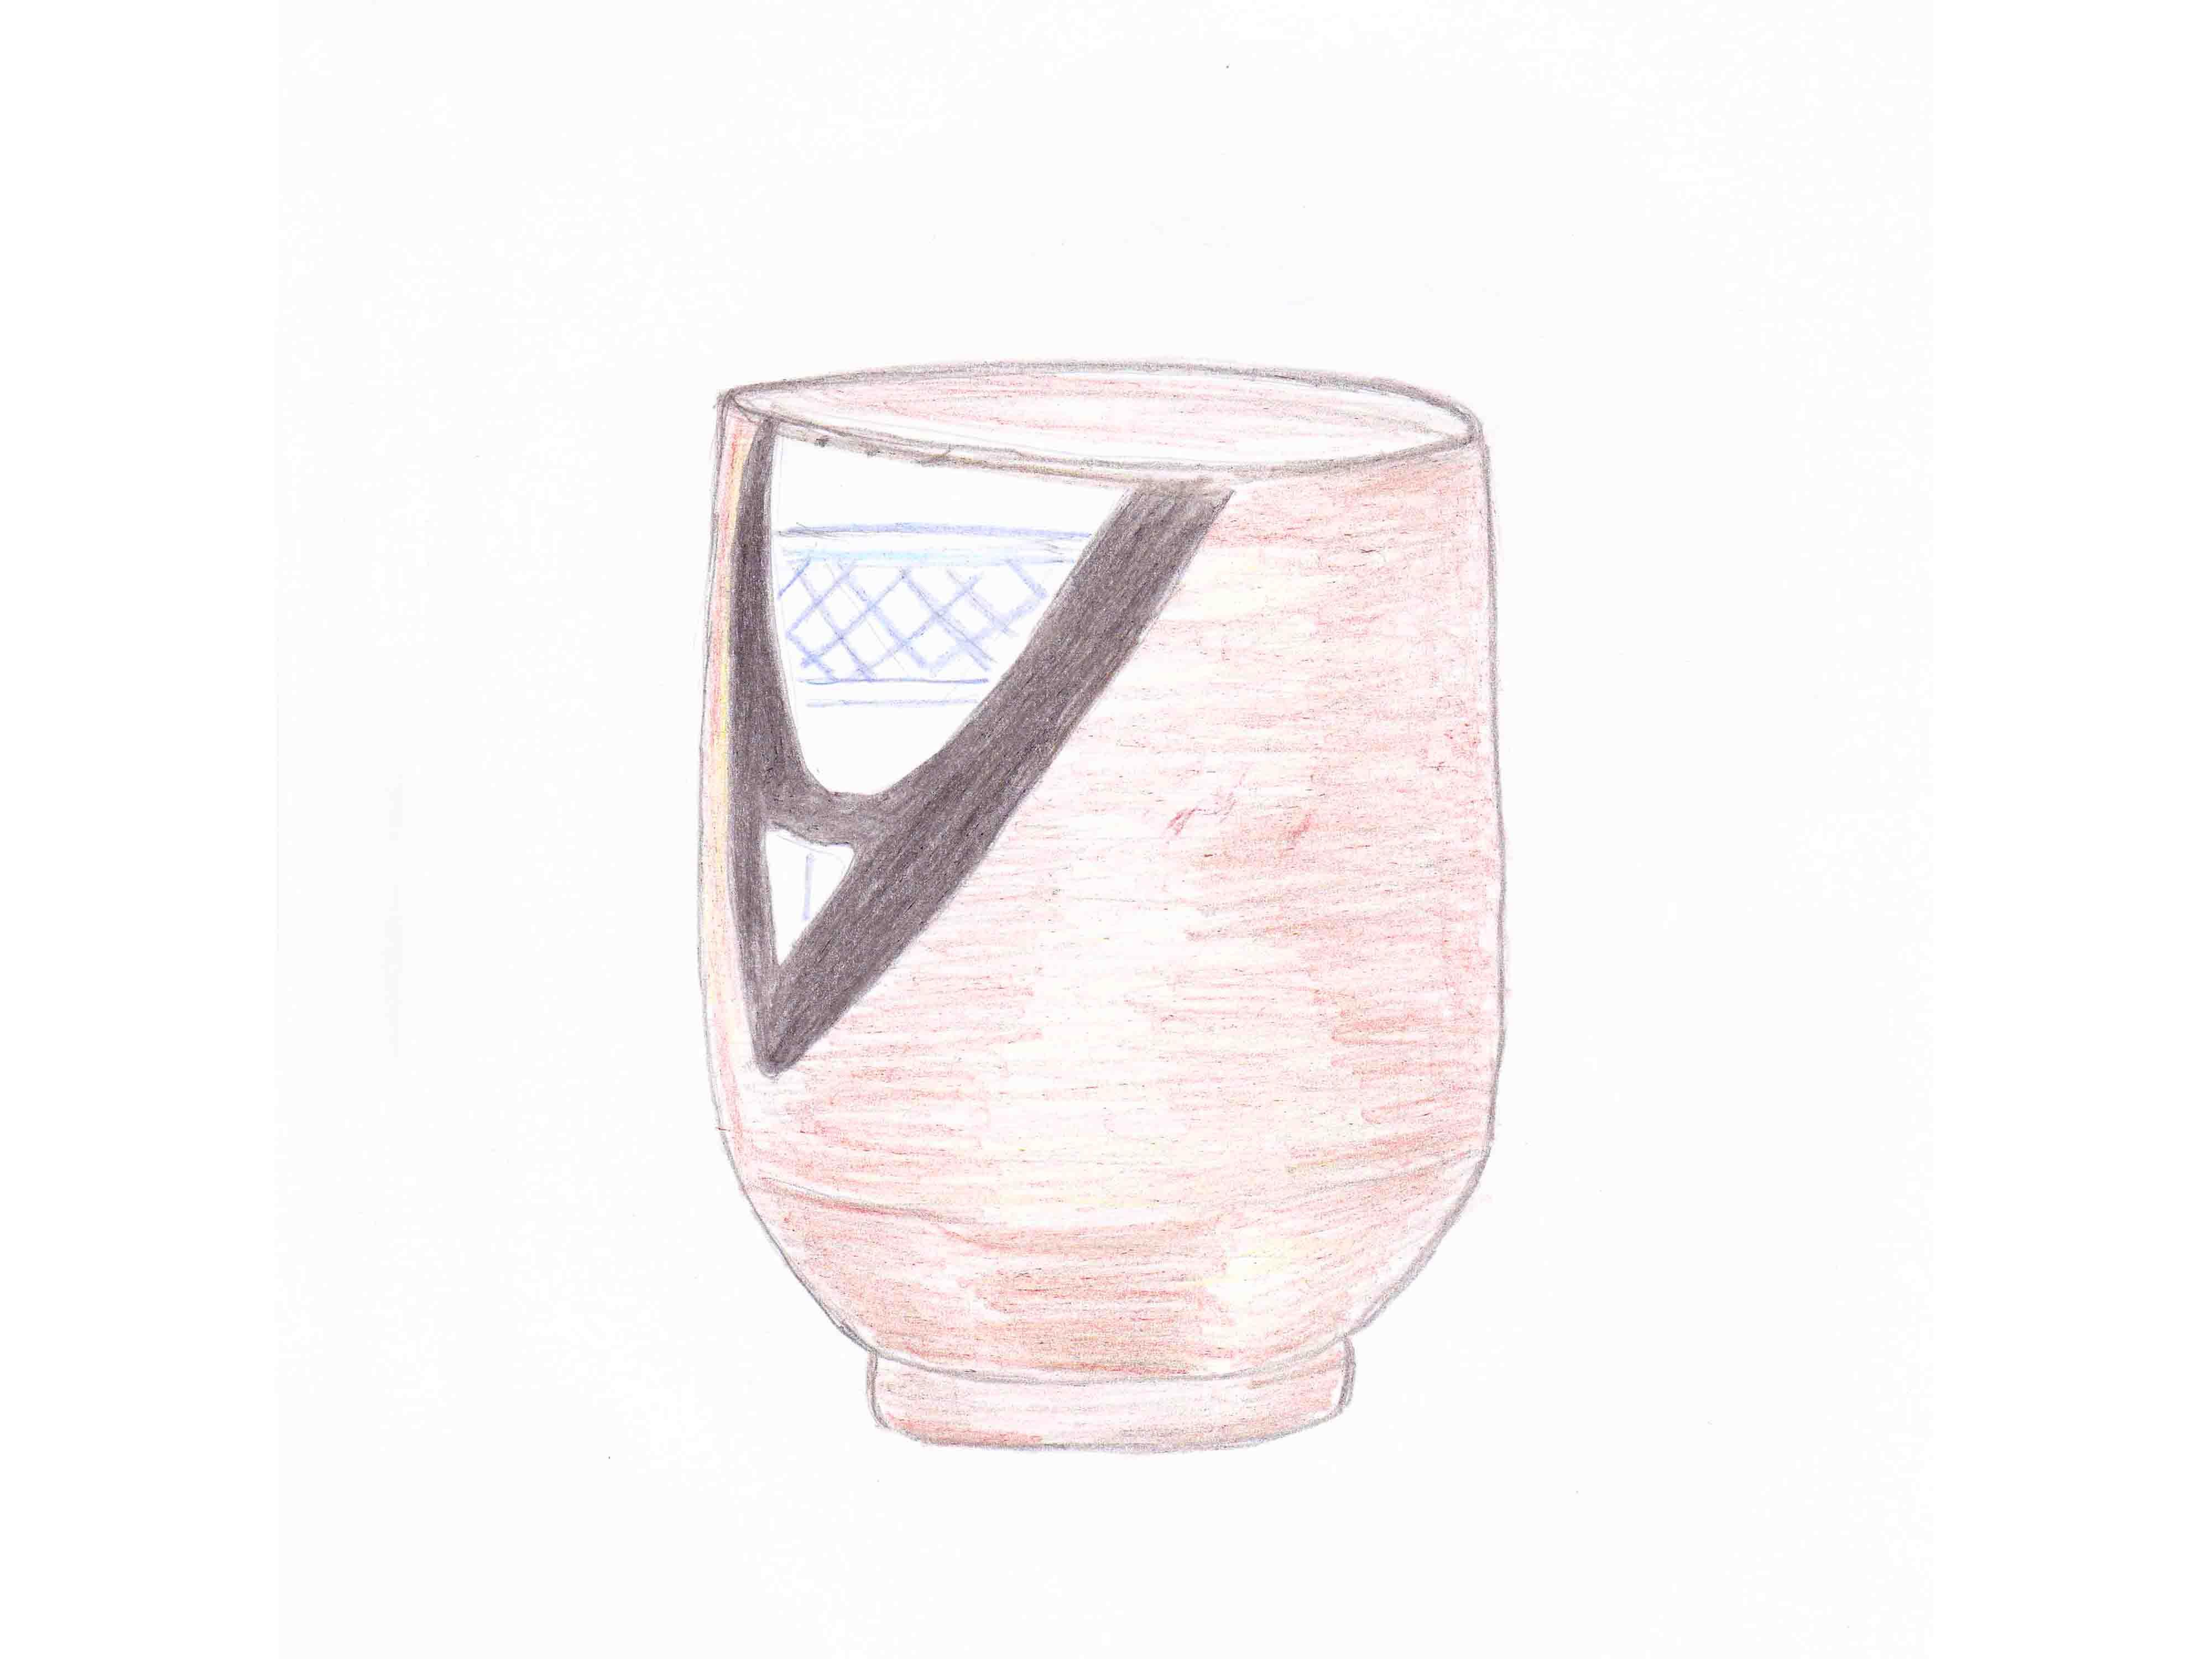 古瀬戸筒茶碗 銘「呼継」